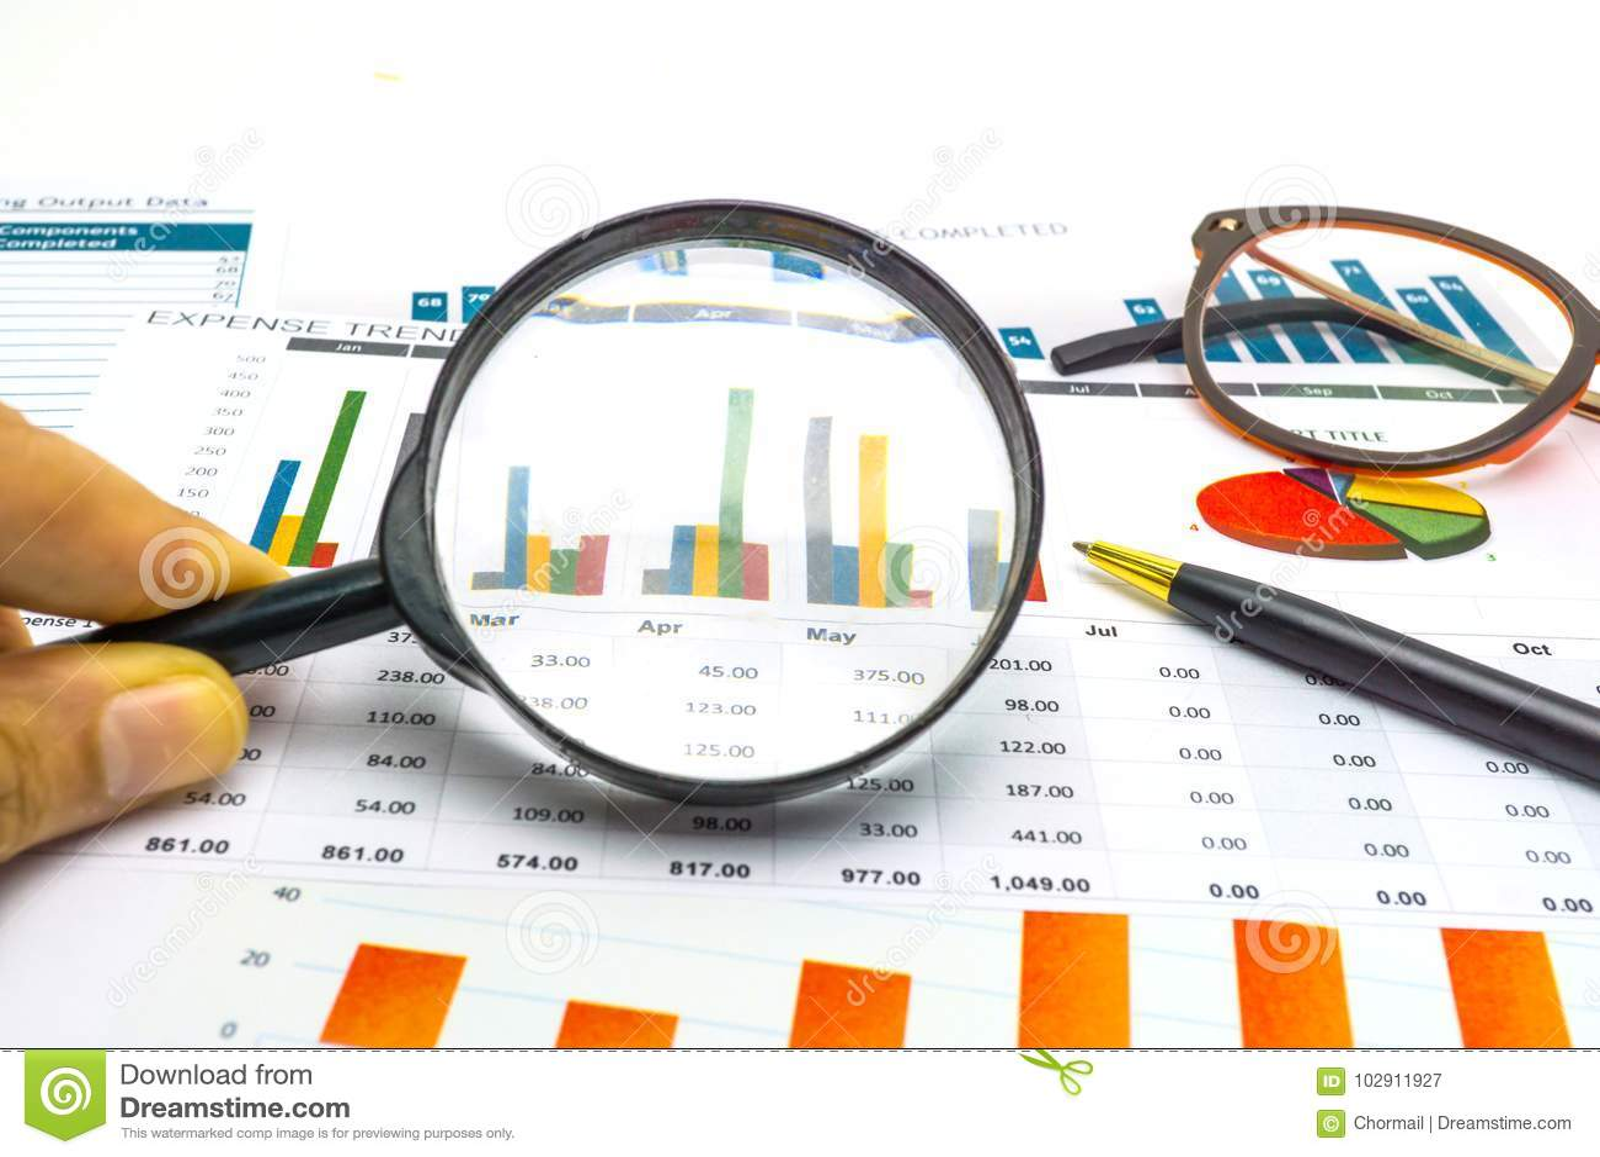 Έγγραφο διαγραμμάτων και γραφικών παραστάσεων Οικονομικός, λογαριασμός, στατιστικές, αναλυτικές ερευνητικά στοιχεία και έννοια συ